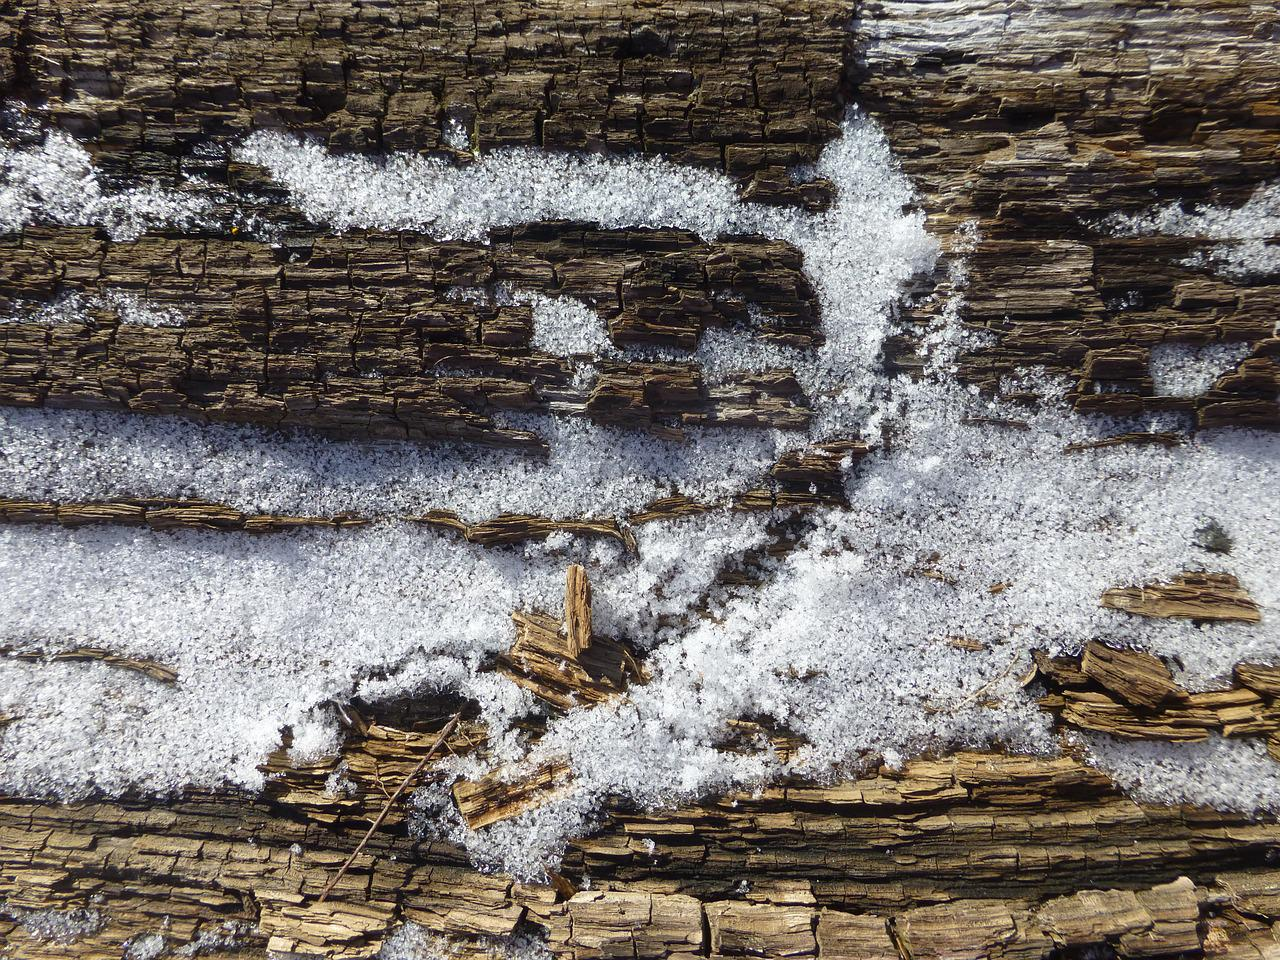 артиста стена снега картинки организациях